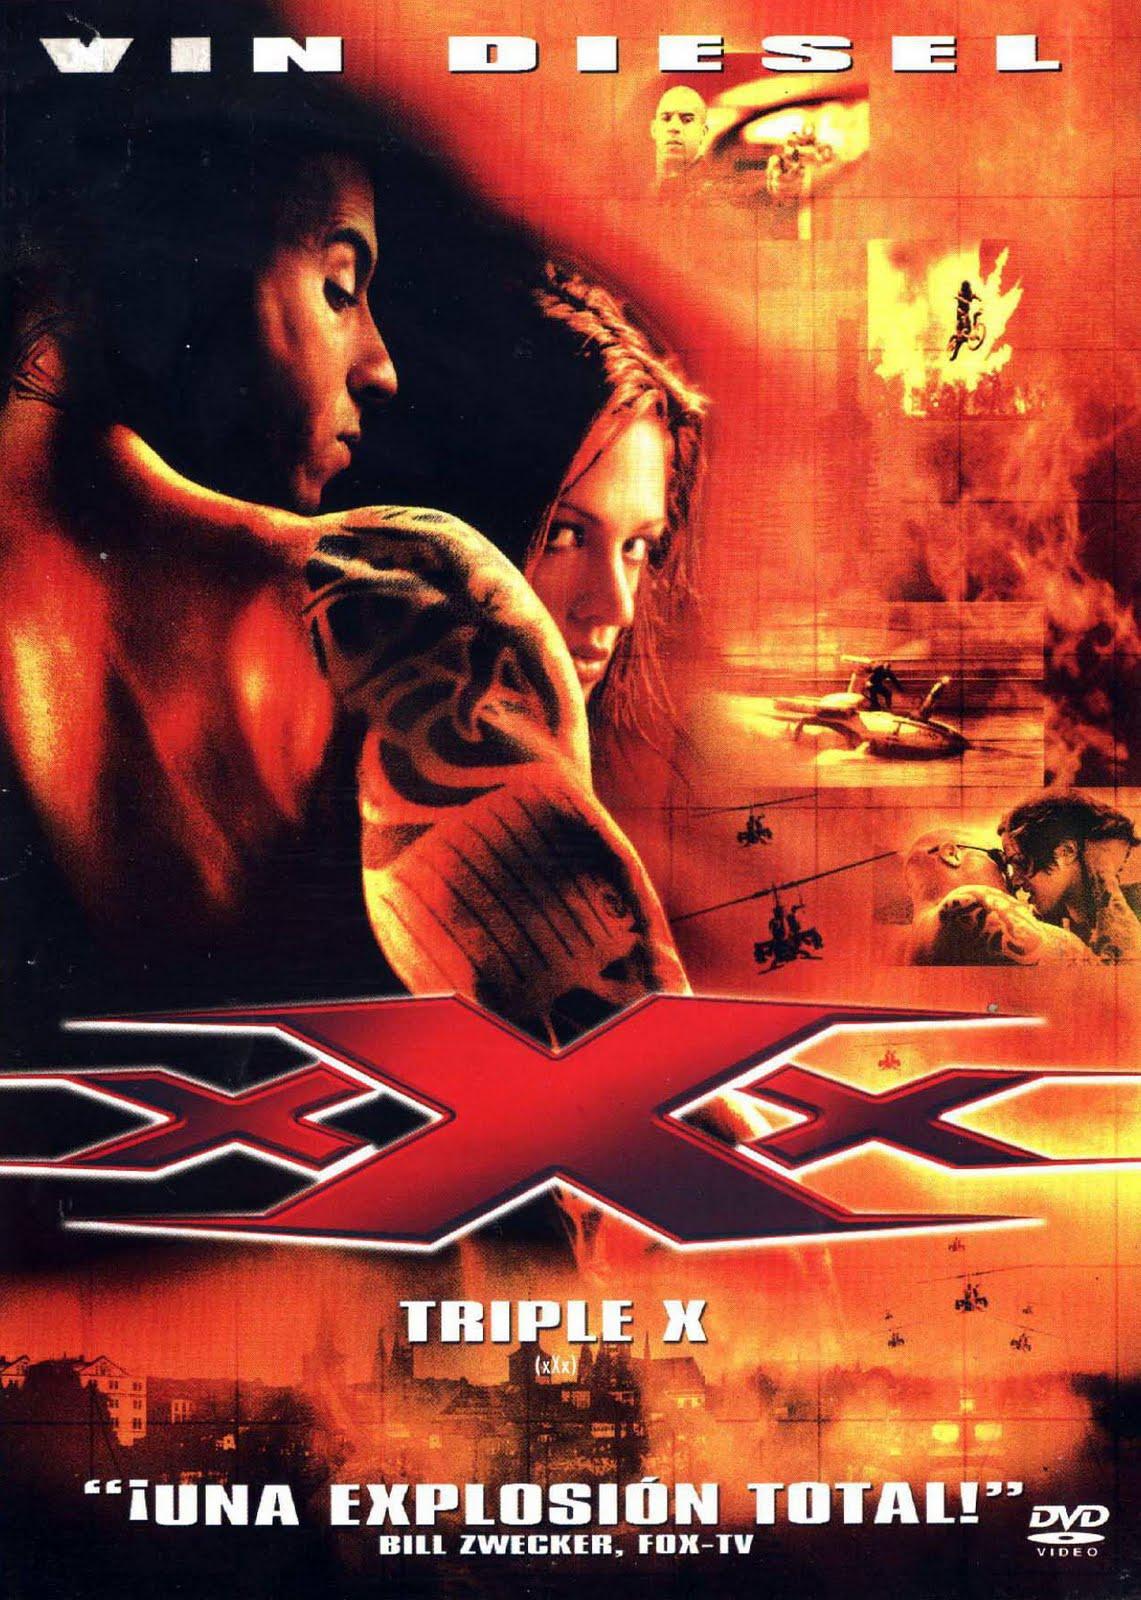 Tripel X